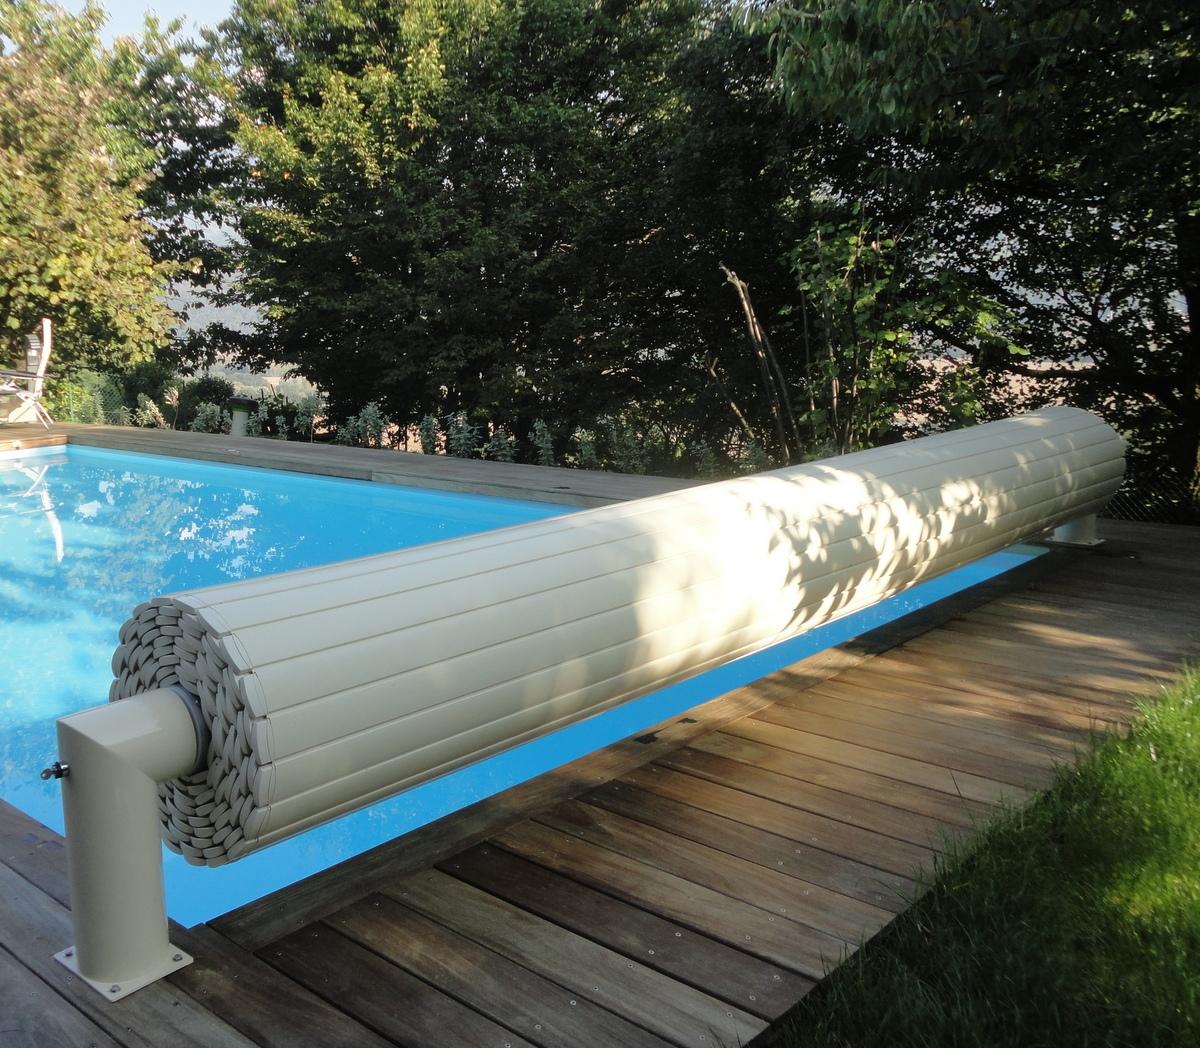 Couvertures piscine automatiques rideau de piscine lectrique - Prix couverture automatique piscine ...